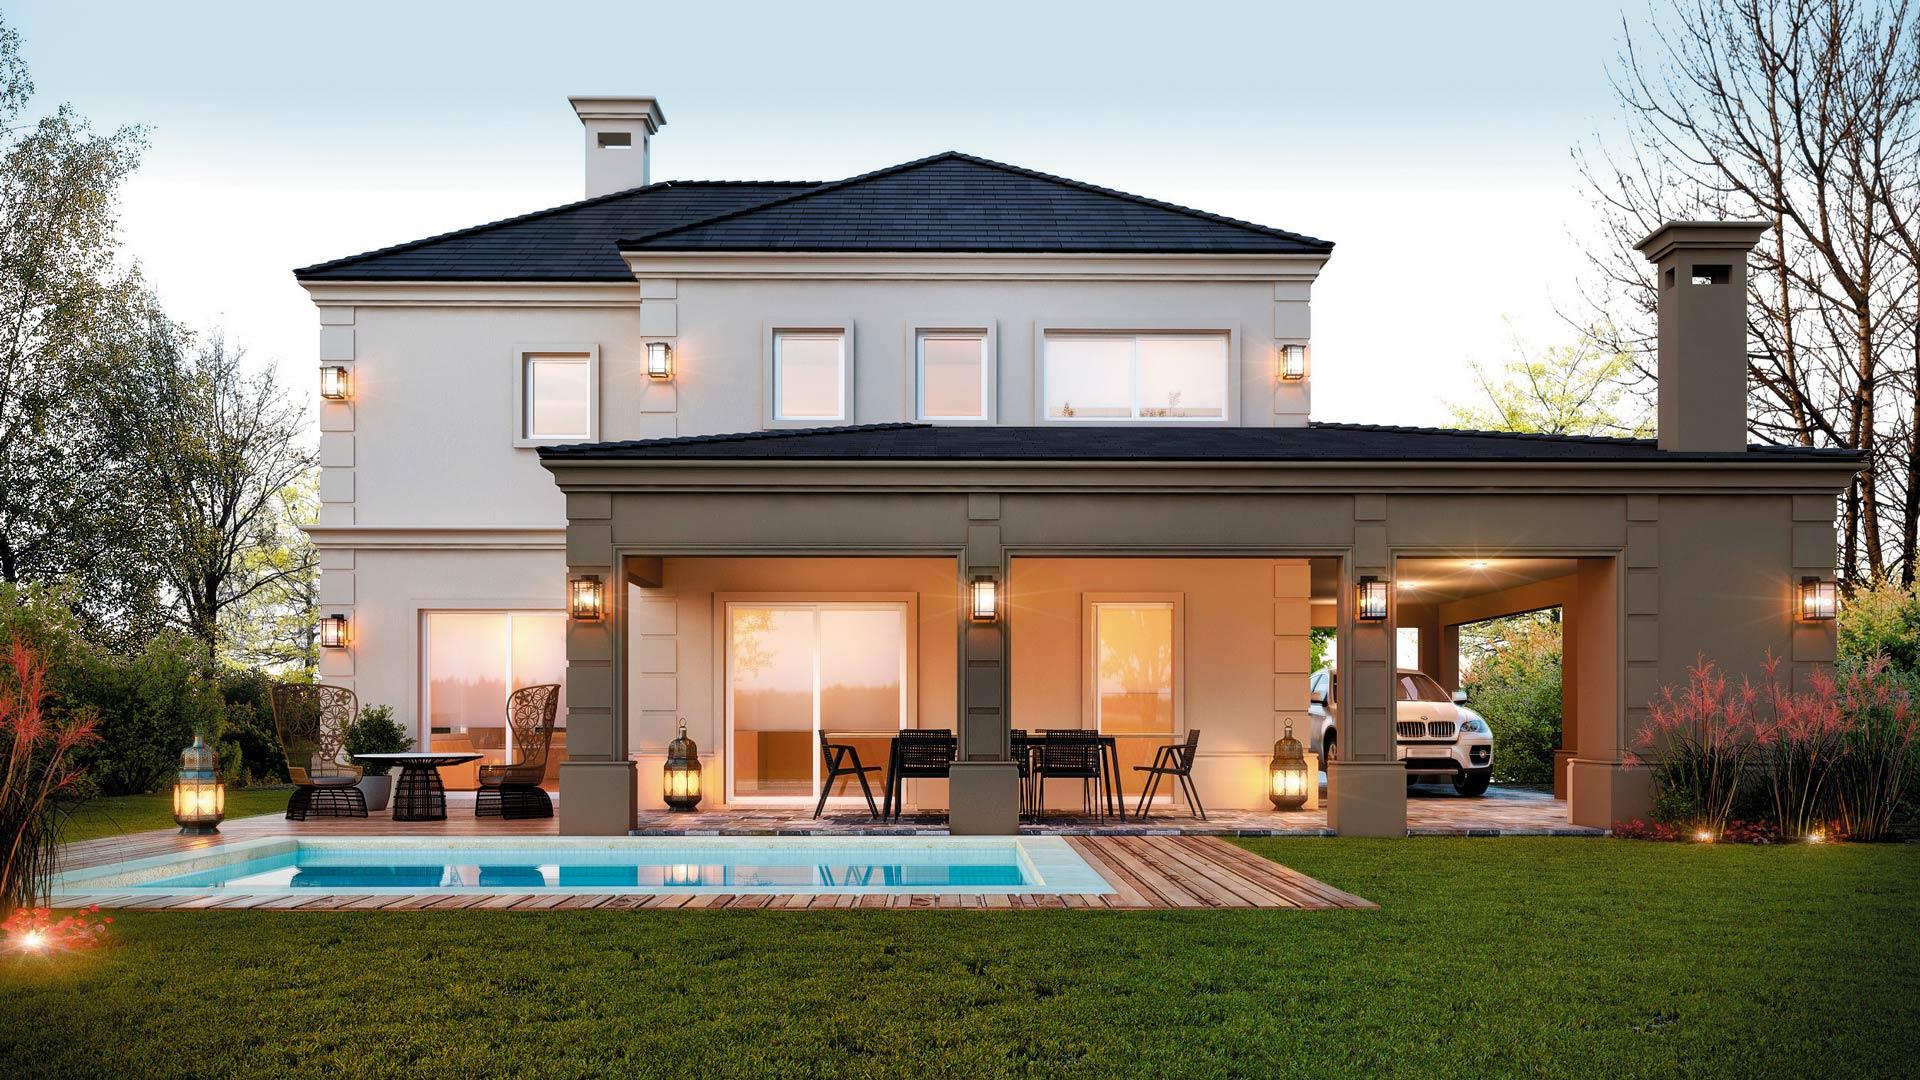 Estudio nf y asociados casa estilo cl sico moderno for Clasica y moderna entradas